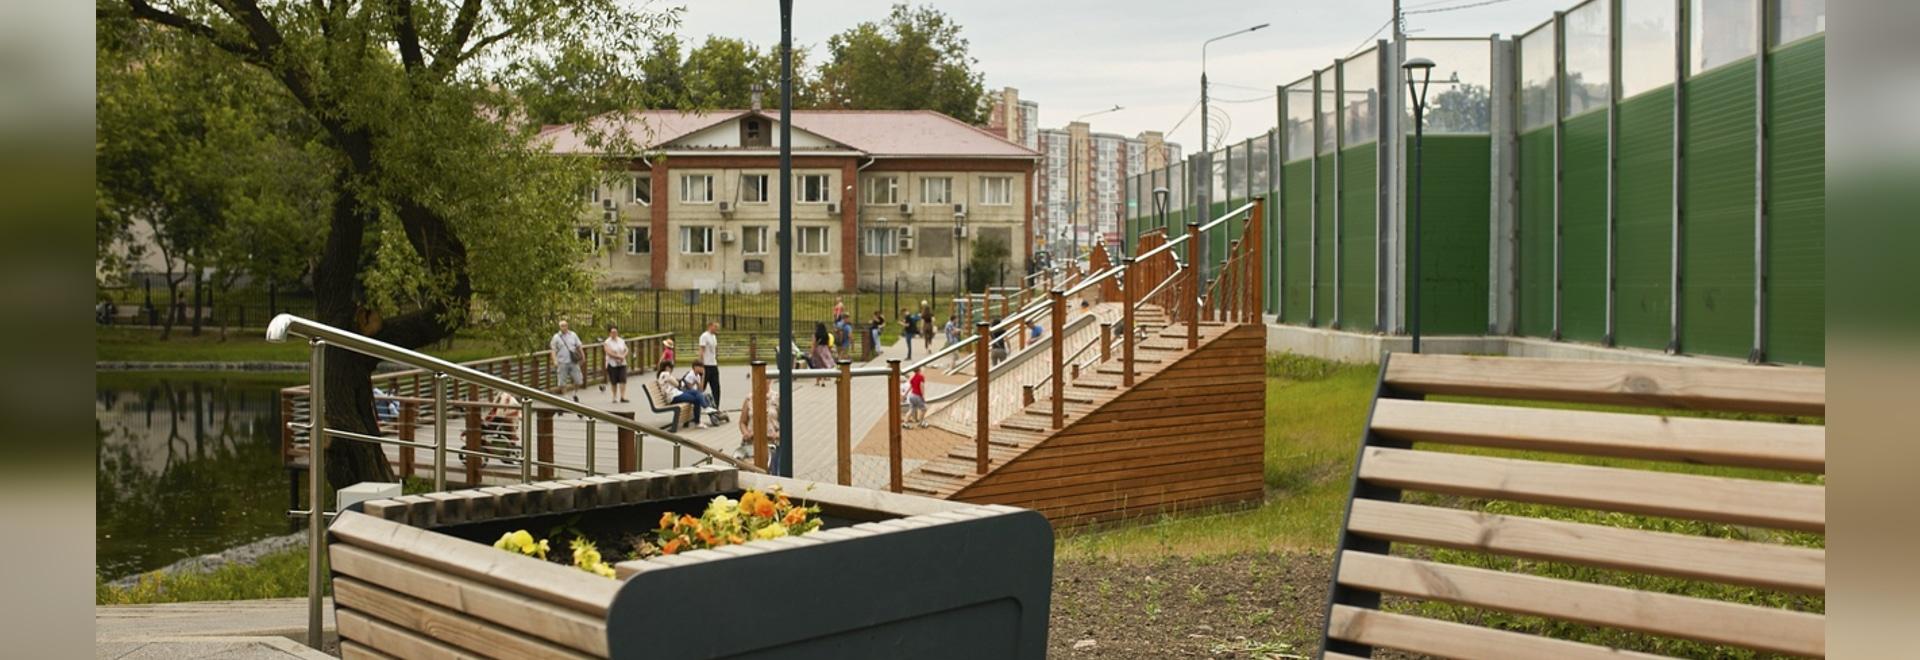 Kontorsky Pond renewal project